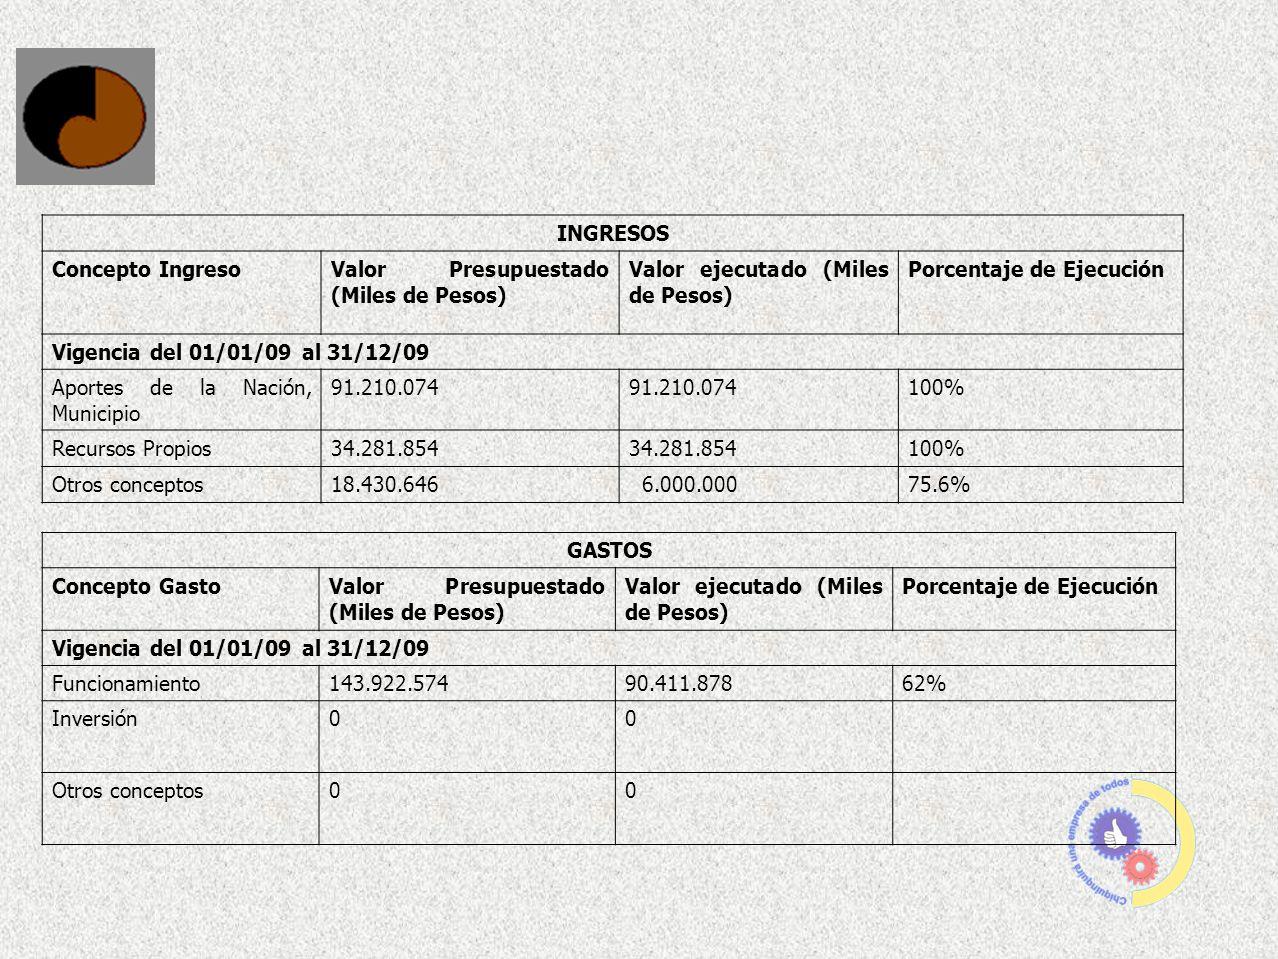 INGRESOS Concepto IngresoValor Presupuestado (Miles de Pesos) Valor ejecutado (Miles de Pesos) Porcentaje de Ejecución Vigencia del 01/01/09 al 31/12/